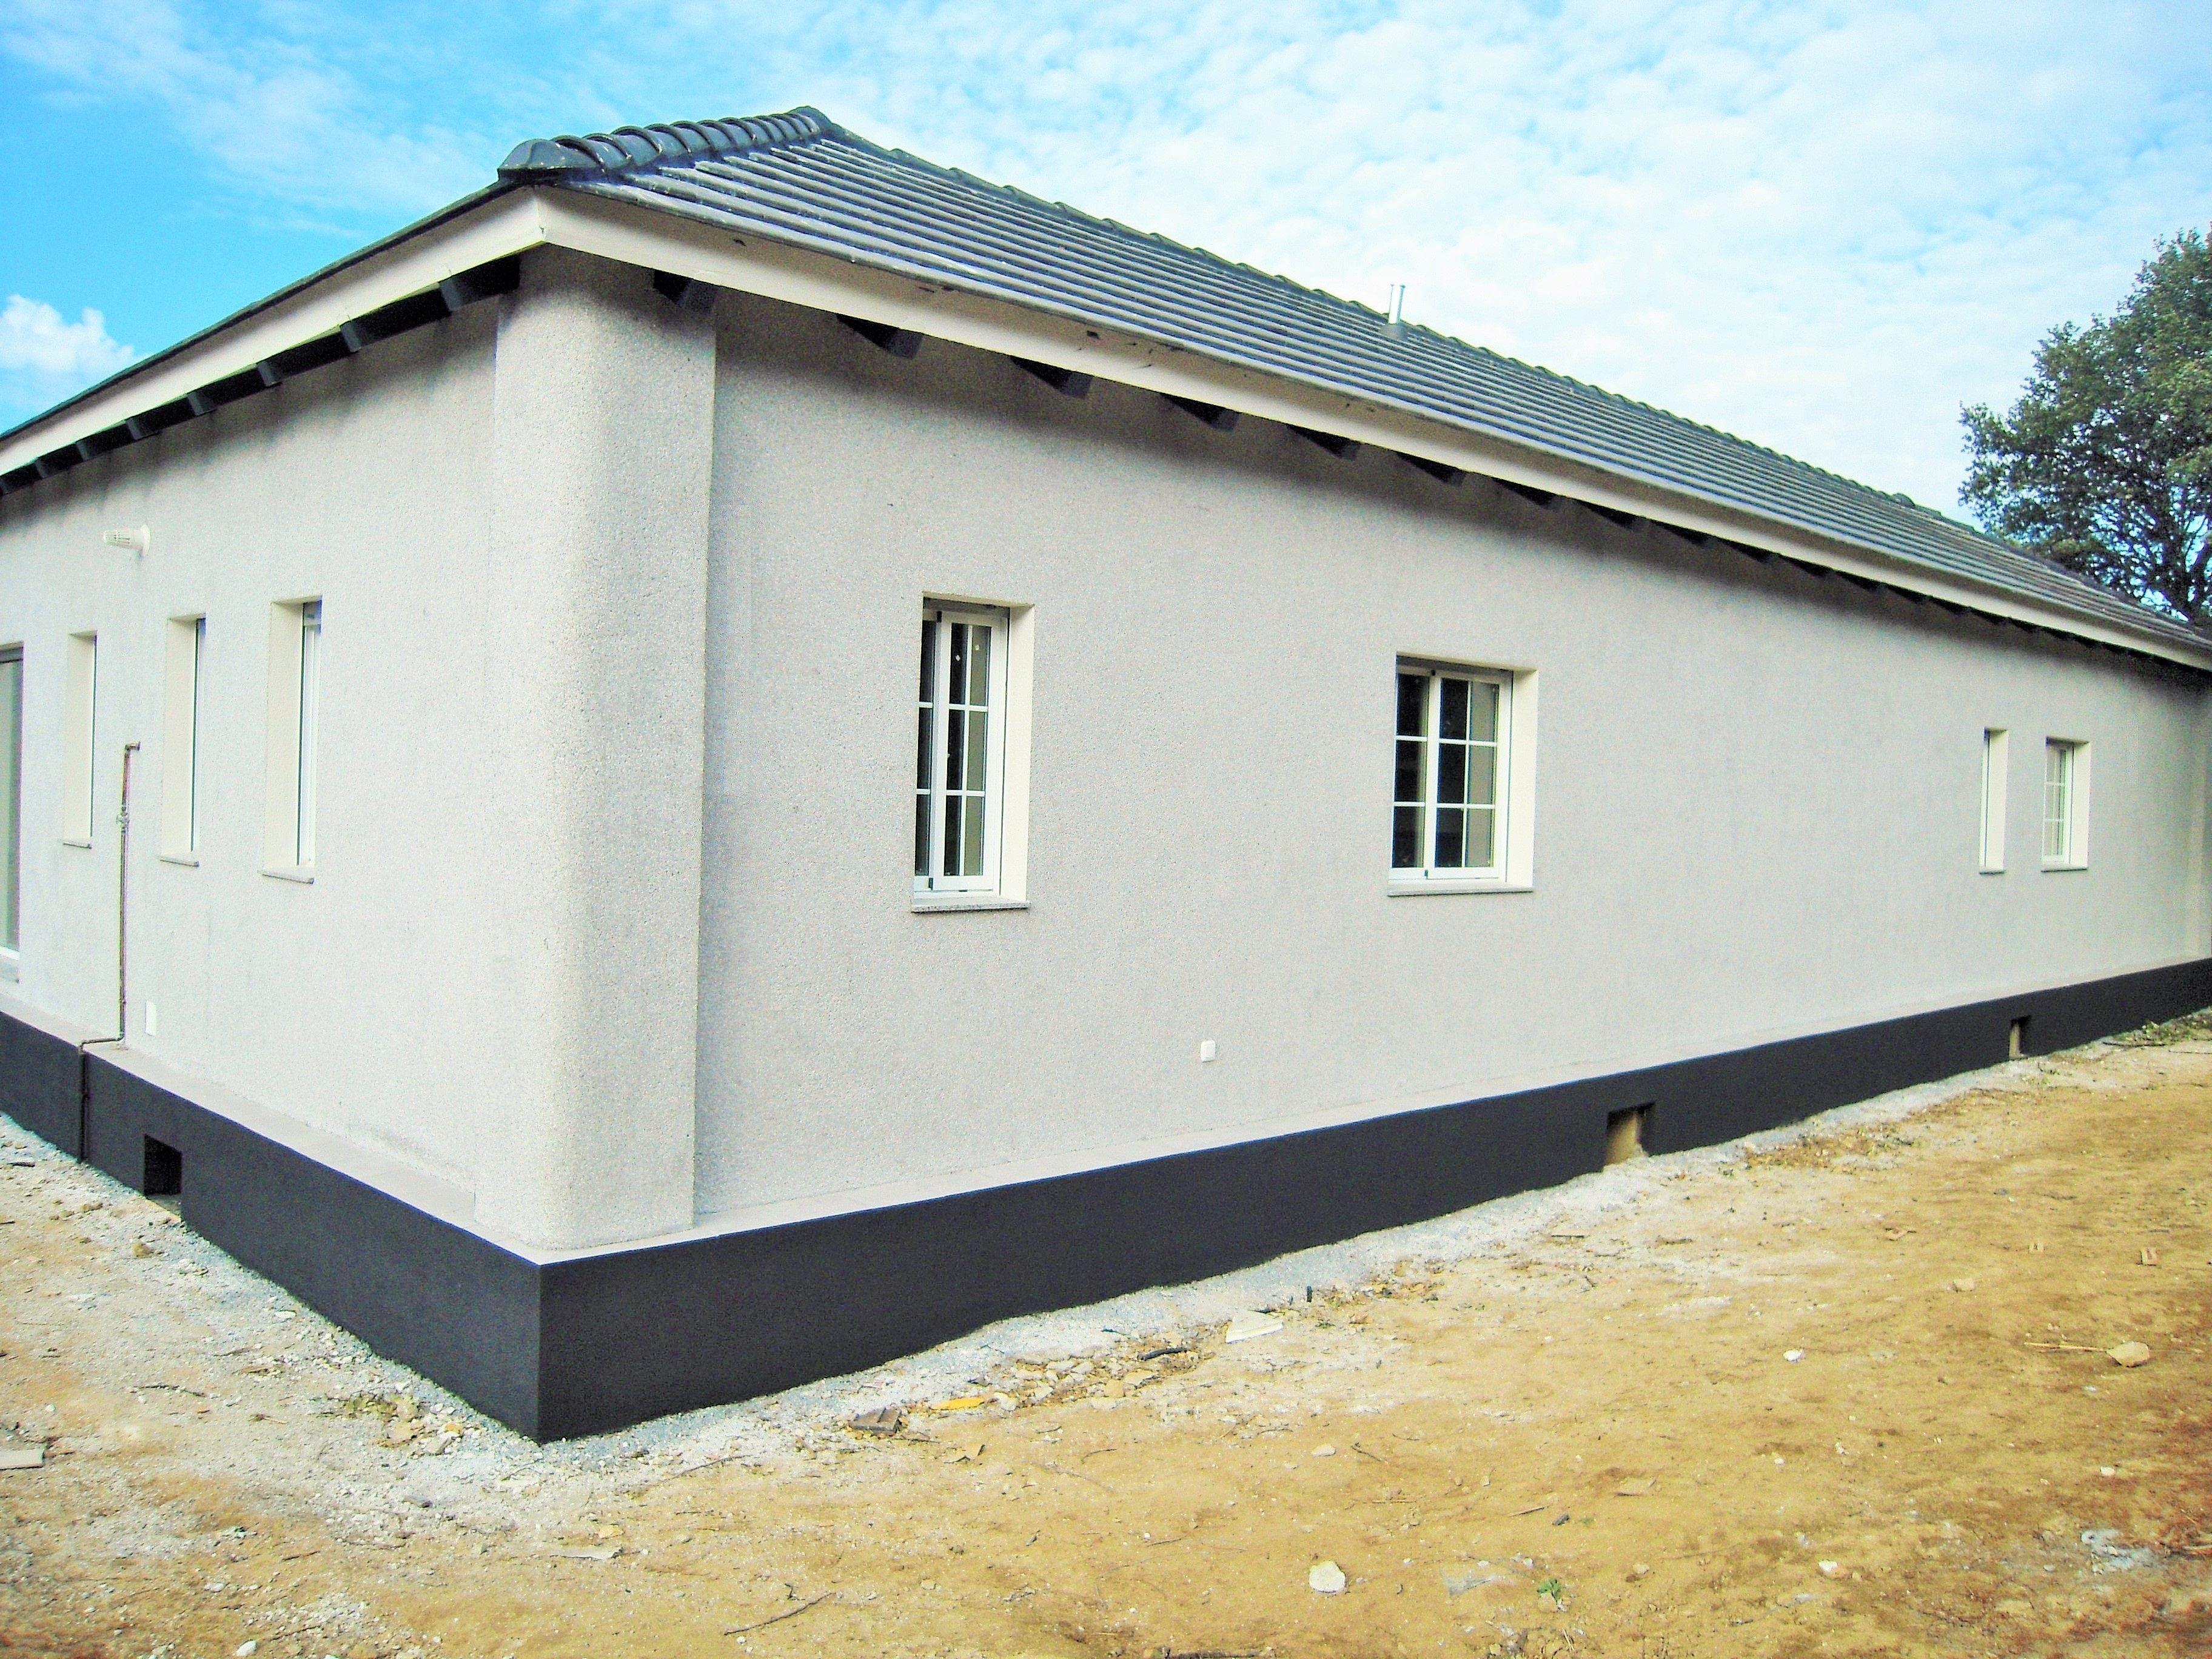 Acabado en monocapa gris en una de nuestras viviendas prefabricadas de hormigon www - Acero casas prefabricadas ...